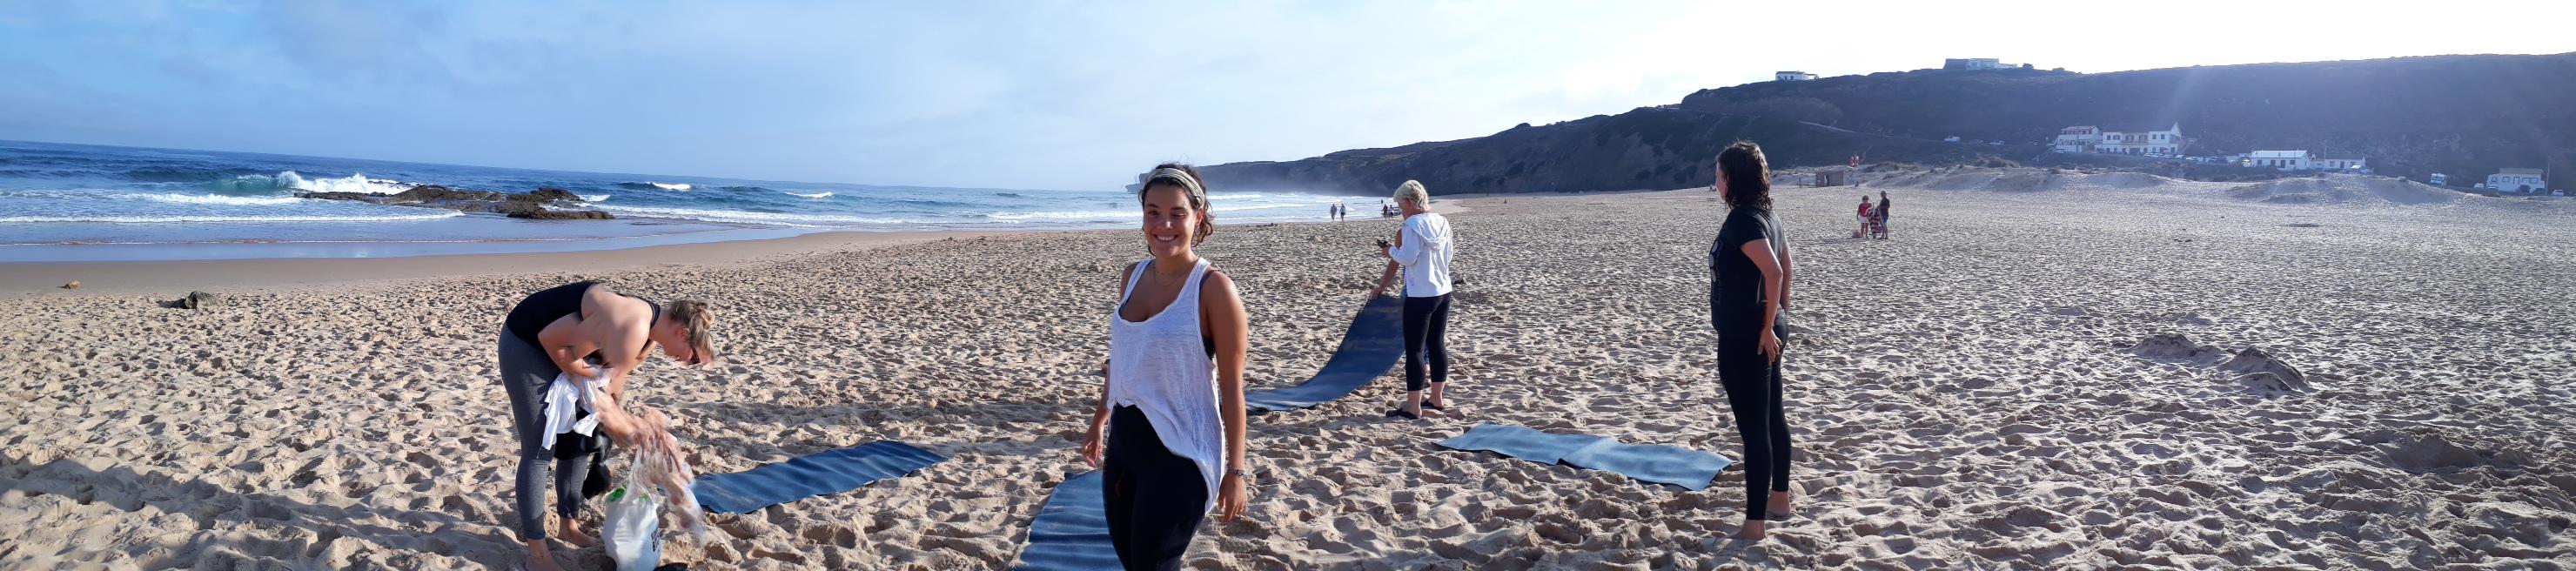 daily yoga by the beach algarve